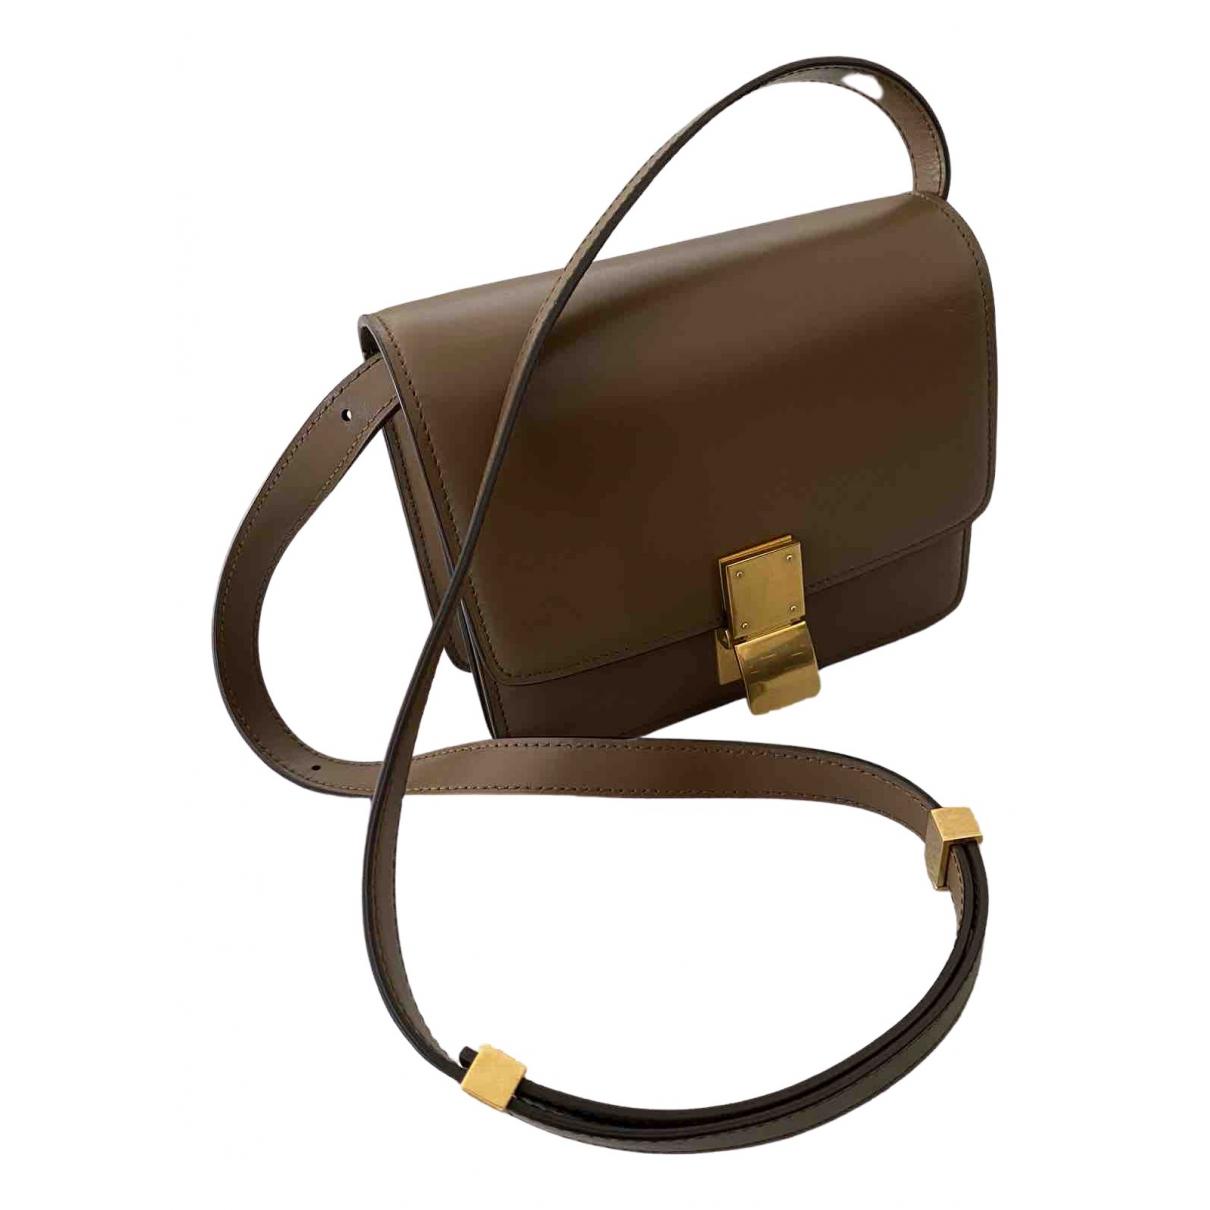 Celine Classic Handtasche in  Beige Leder